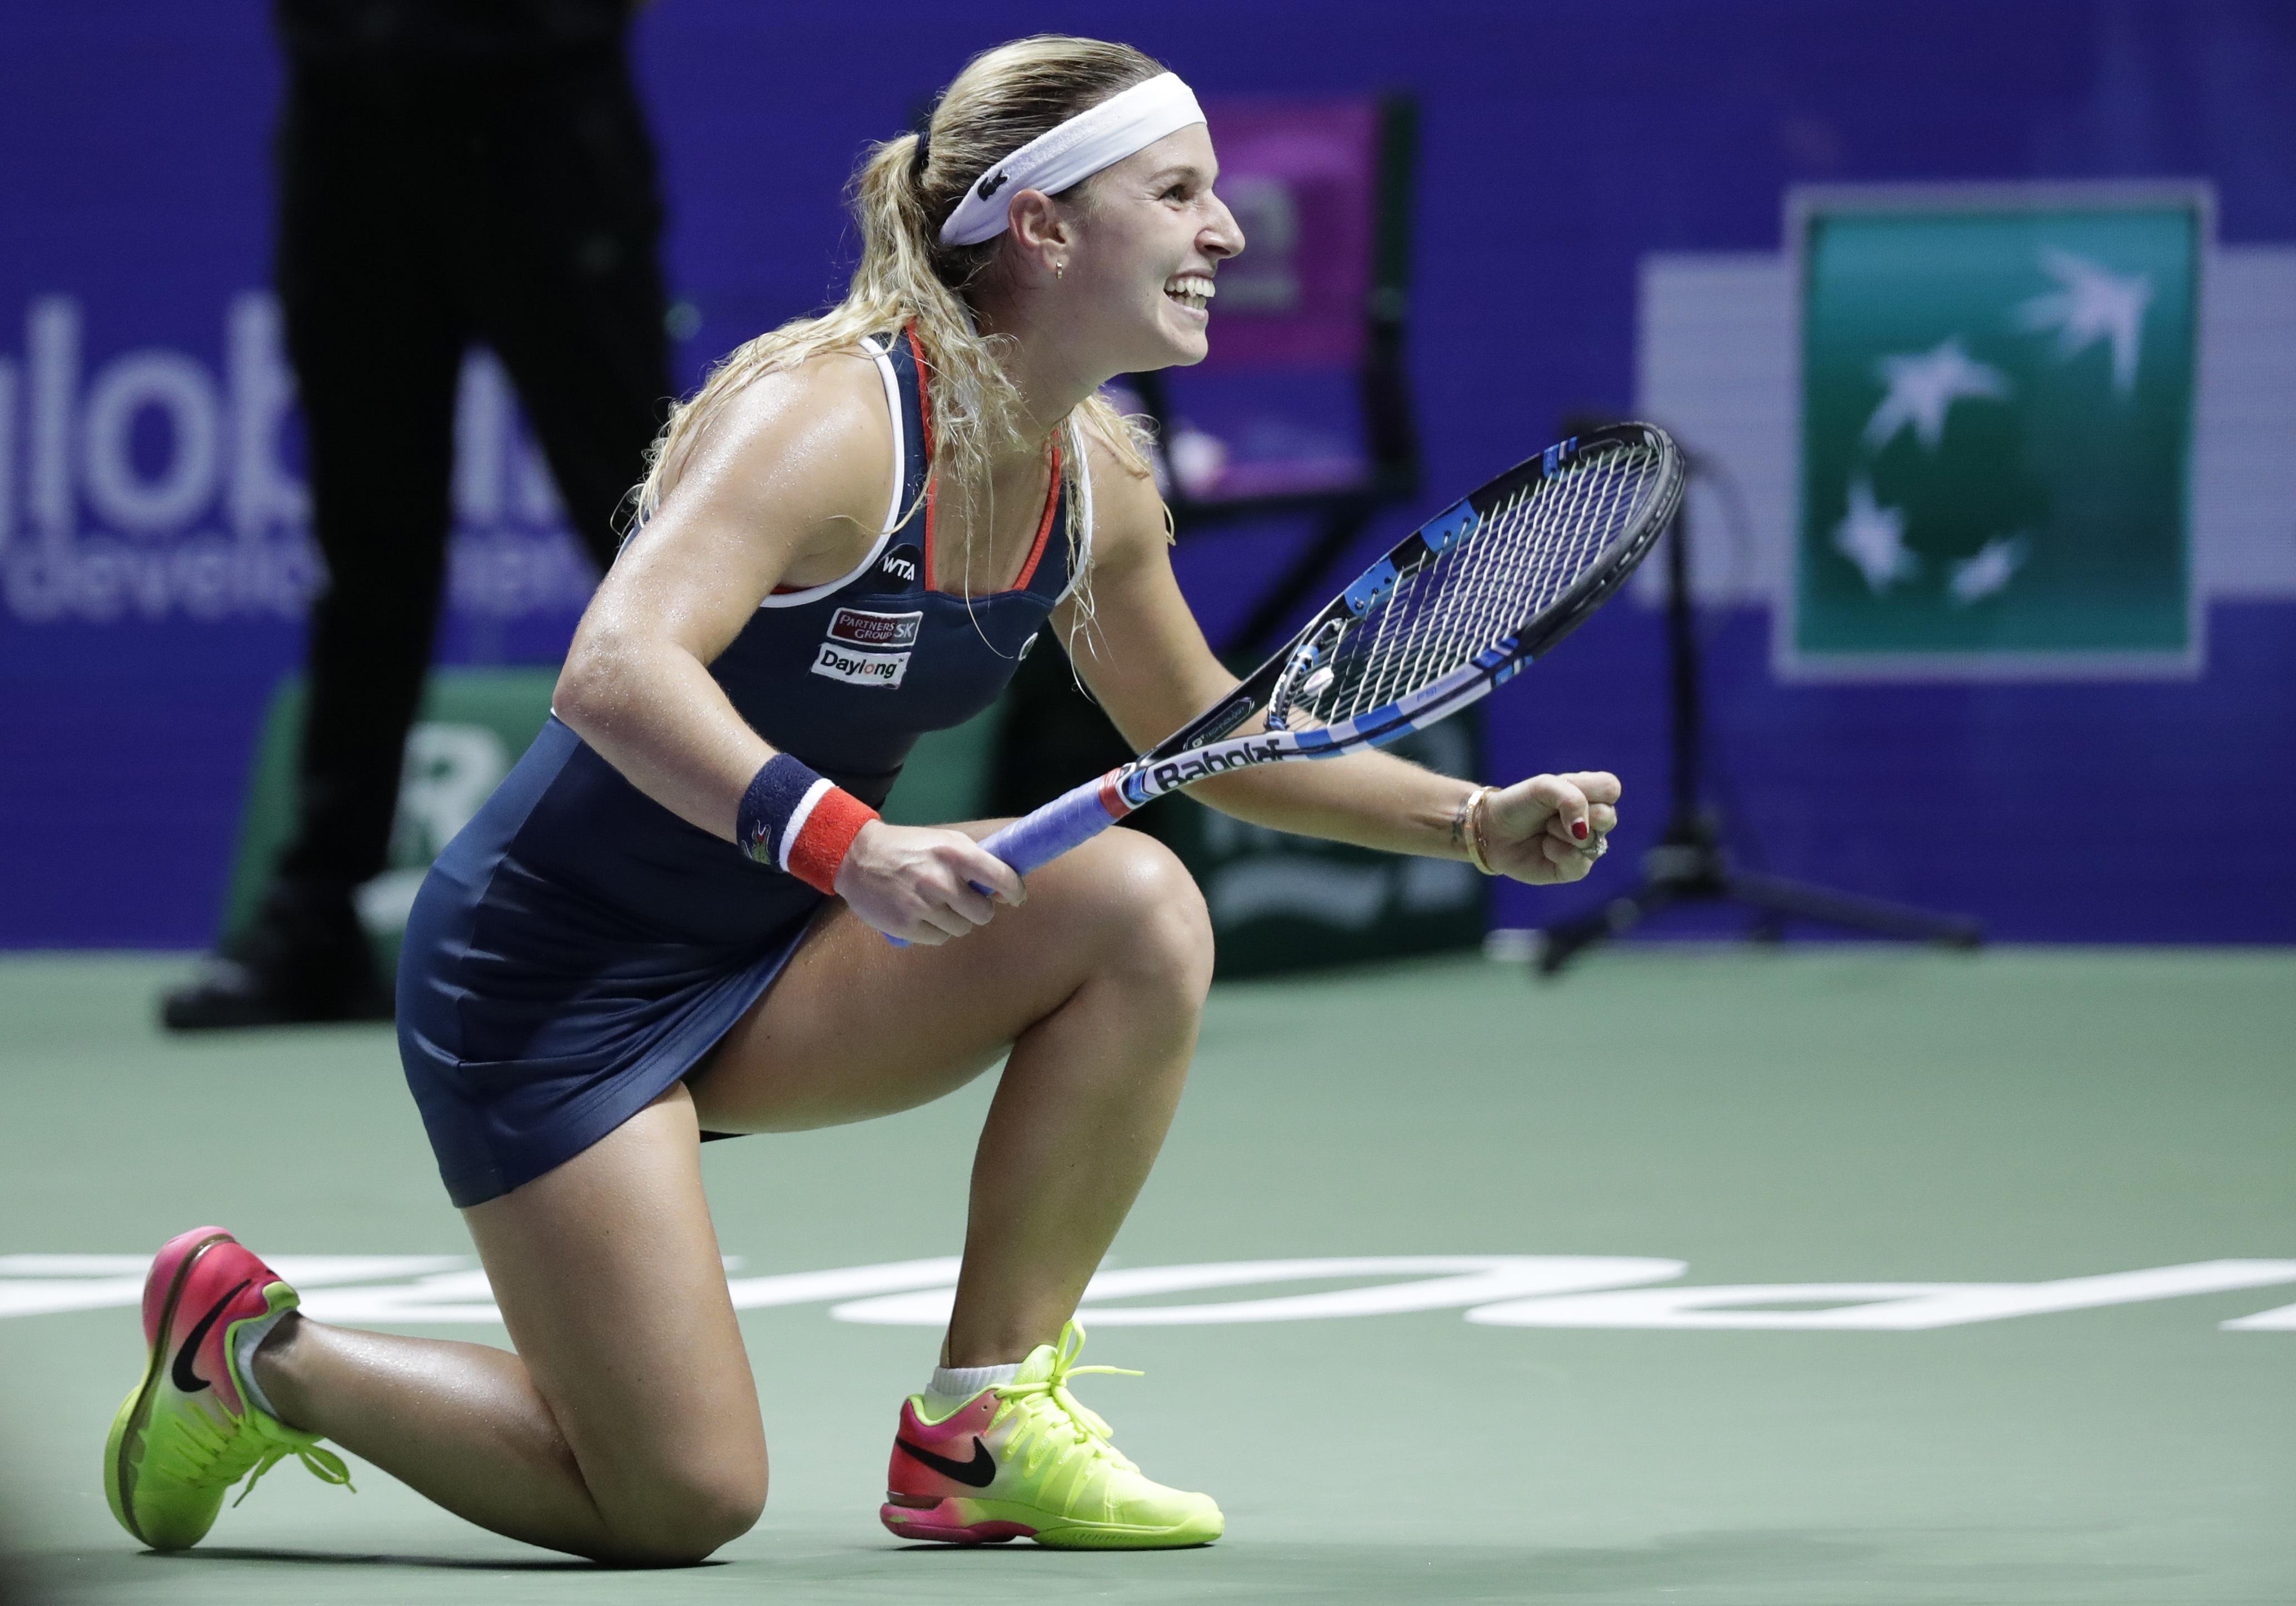 Singapore_WTA_Tennis_Nels_W4sgTDV